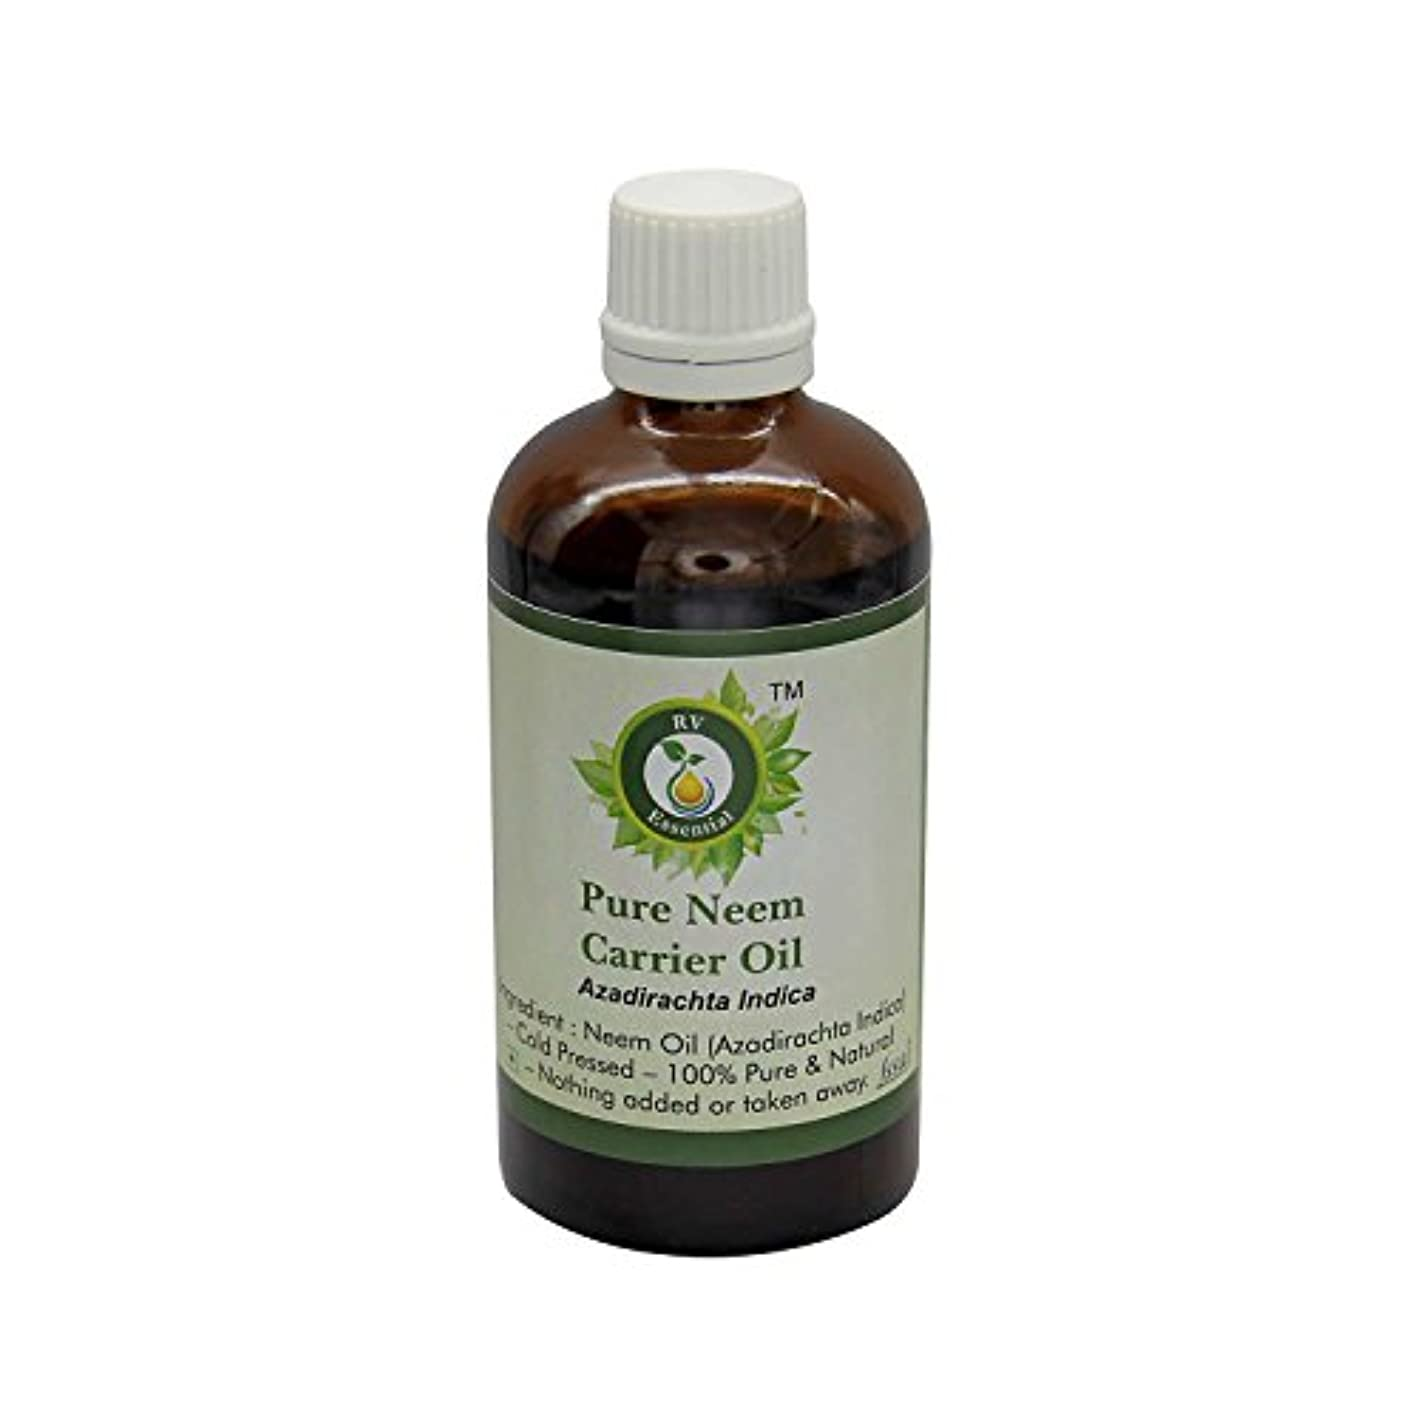 添加ビュッフェデコレーションR V Essential 純Neemキャリアオイル30ml (1.01oz)- Azadirachta Indica (100%ピュア&ナチュラルコールドPressed) Pure Neem Carrier Oil